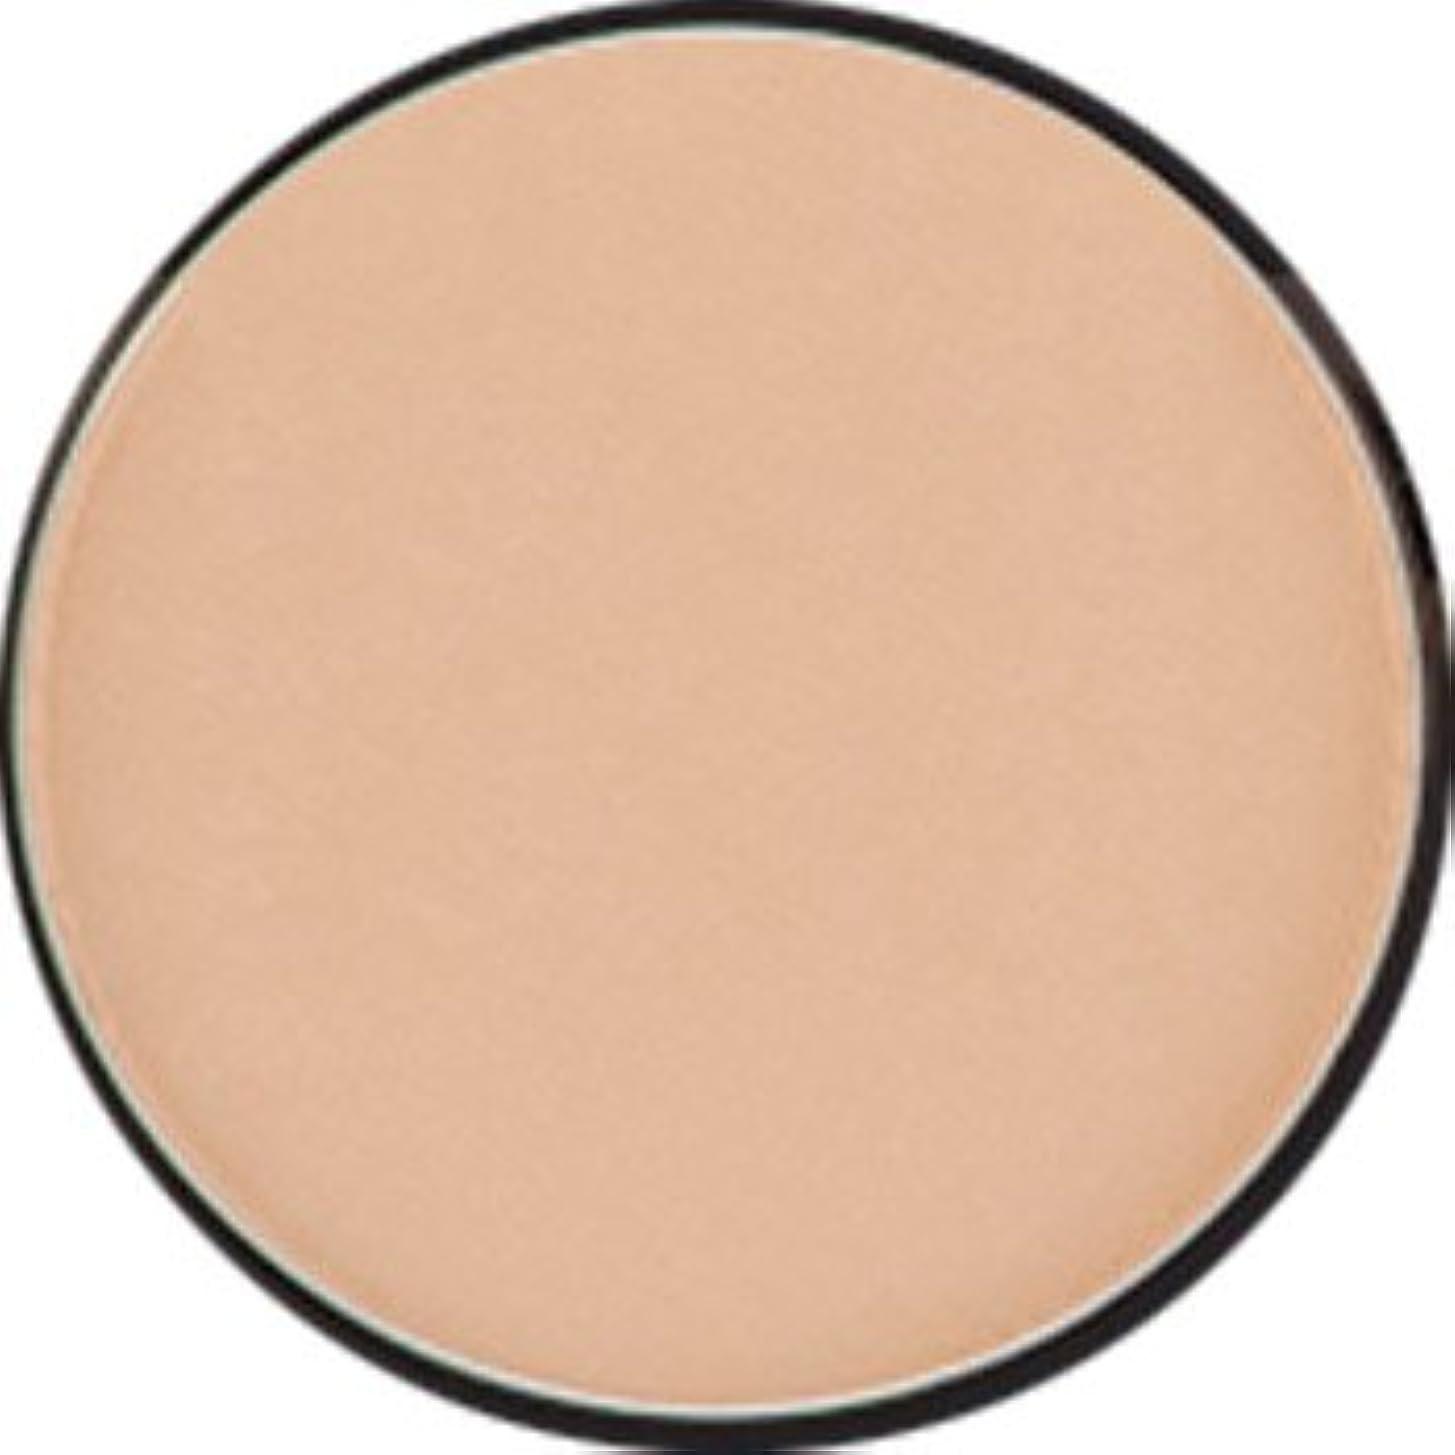 確かめる団結する床を掃除するナリス セルグレース パウダーケーキファンデーション(レフィル)<ケース別売><カラー:カラー730>